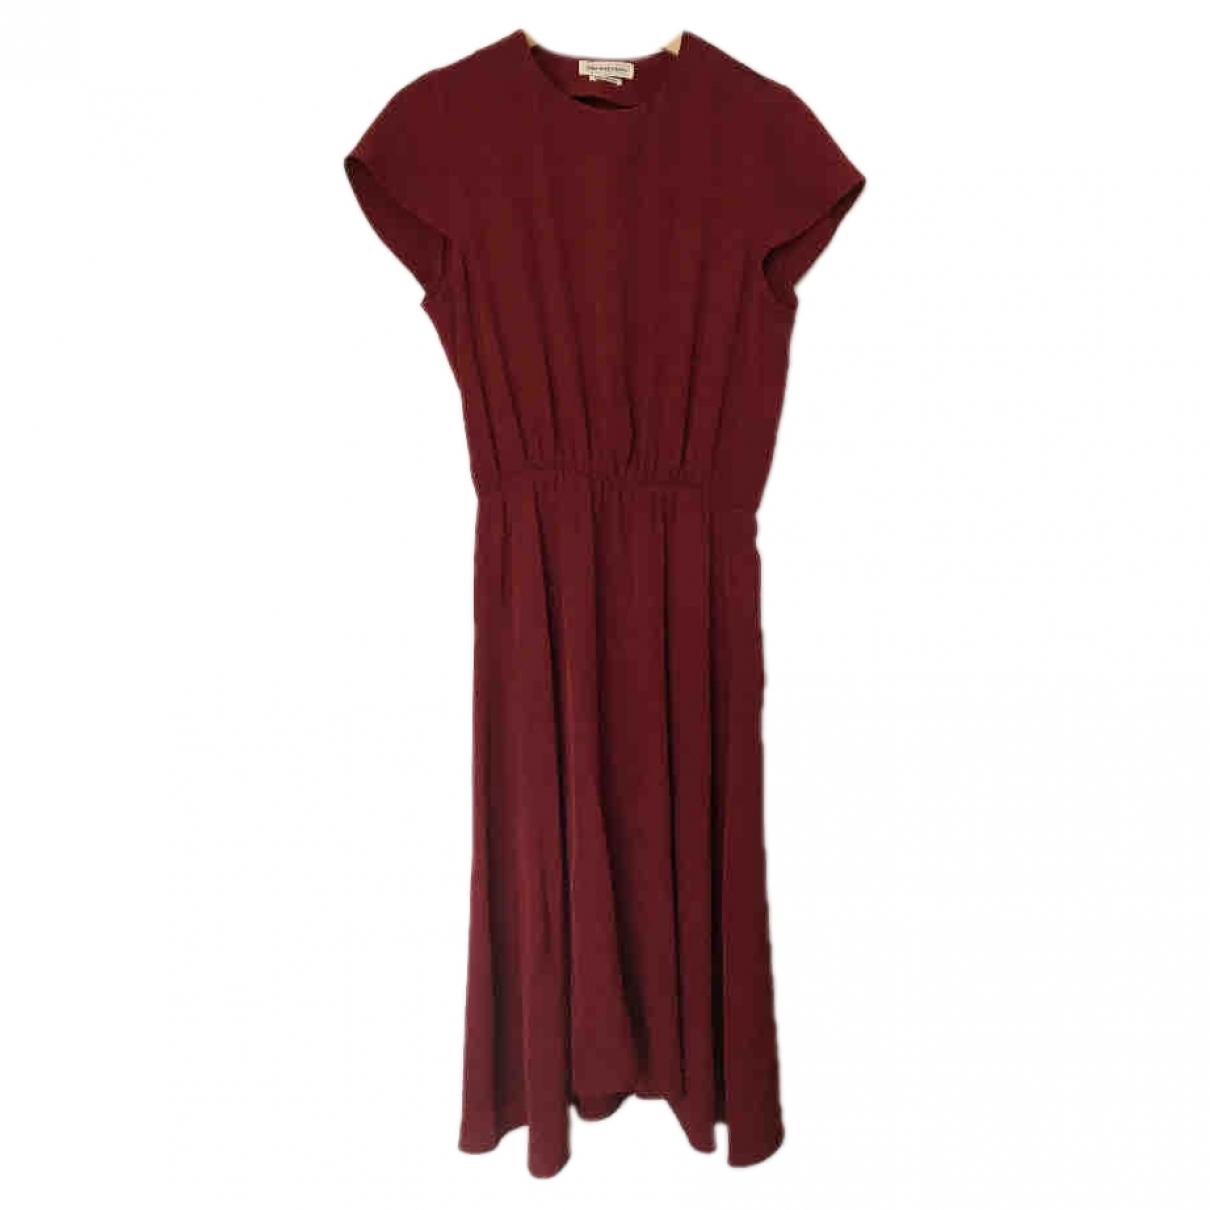 Isabel Marant Etoile \N Burgundy dress for Women 38 FR